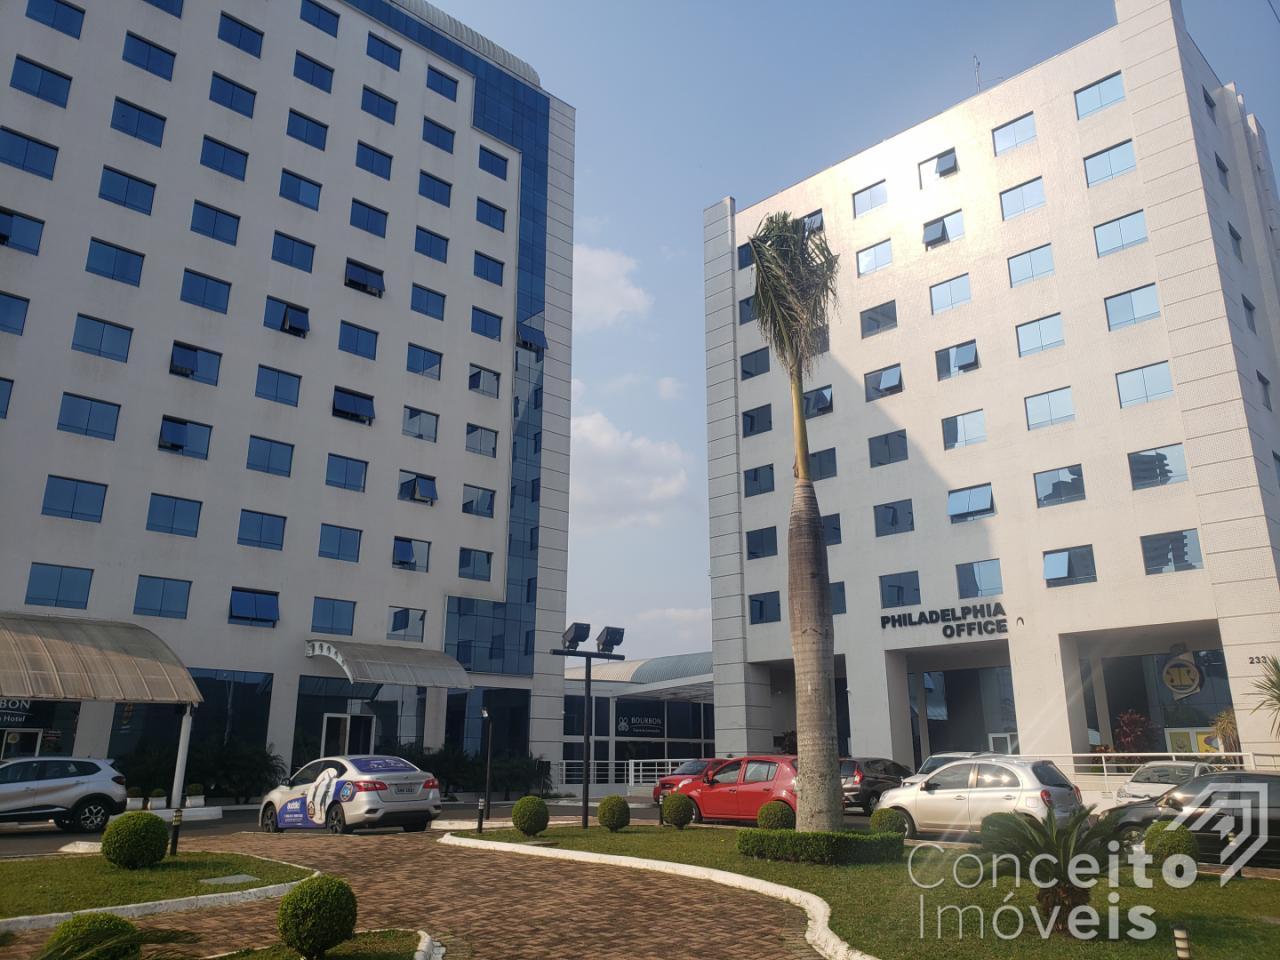 <strong>3 Salas Integradas Philadelphia Office</strong>